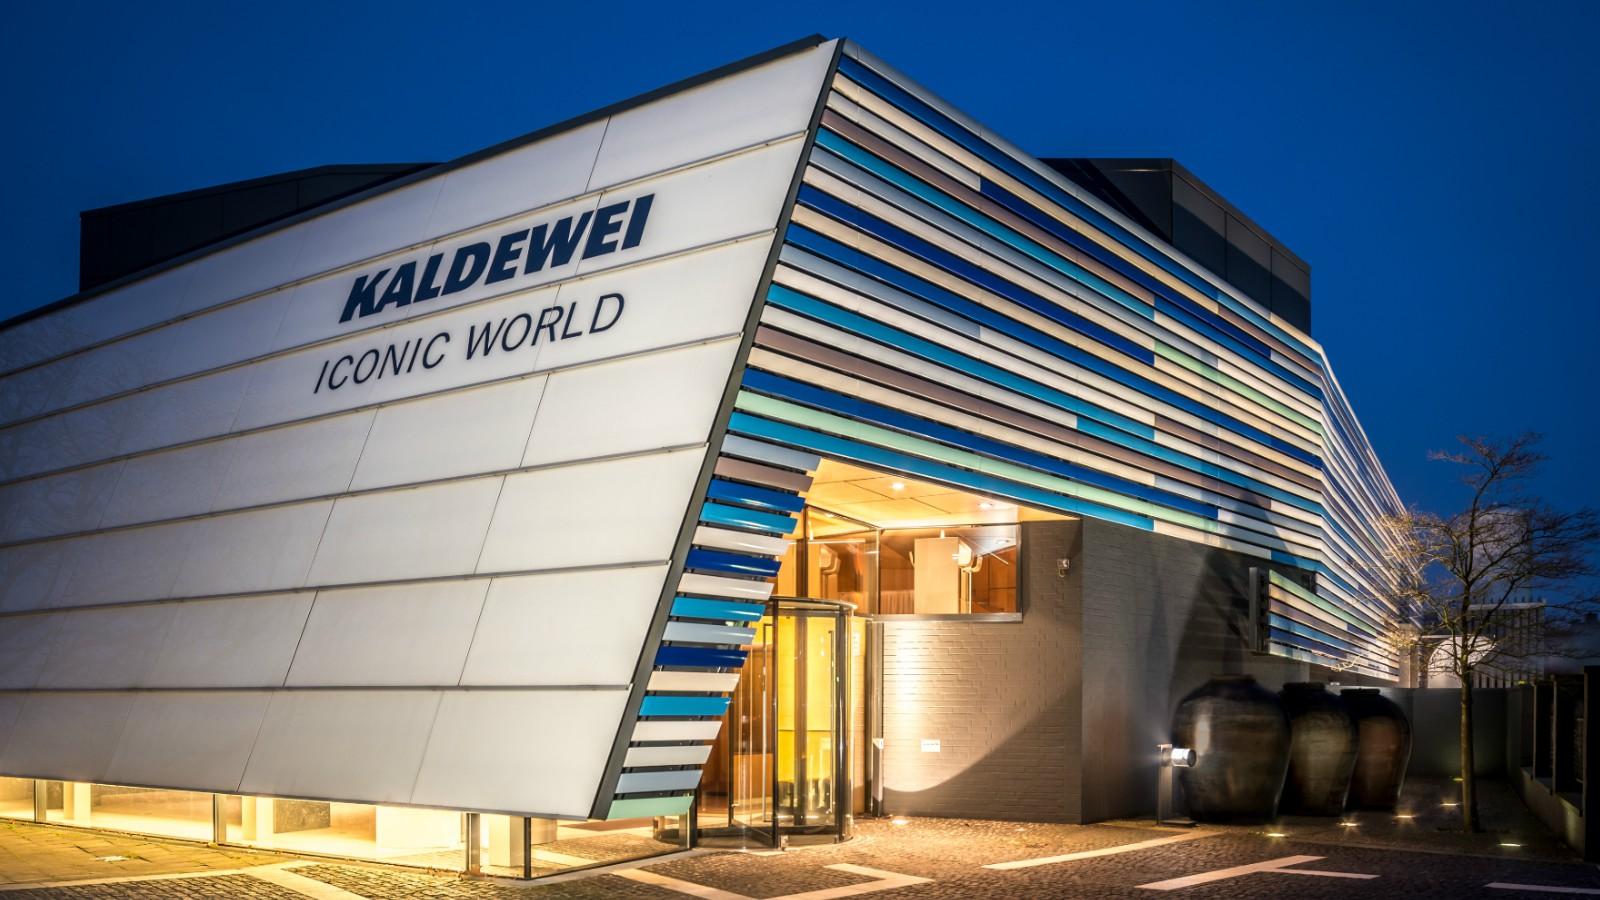 Kaldewei celebrates 100 years of trading 4